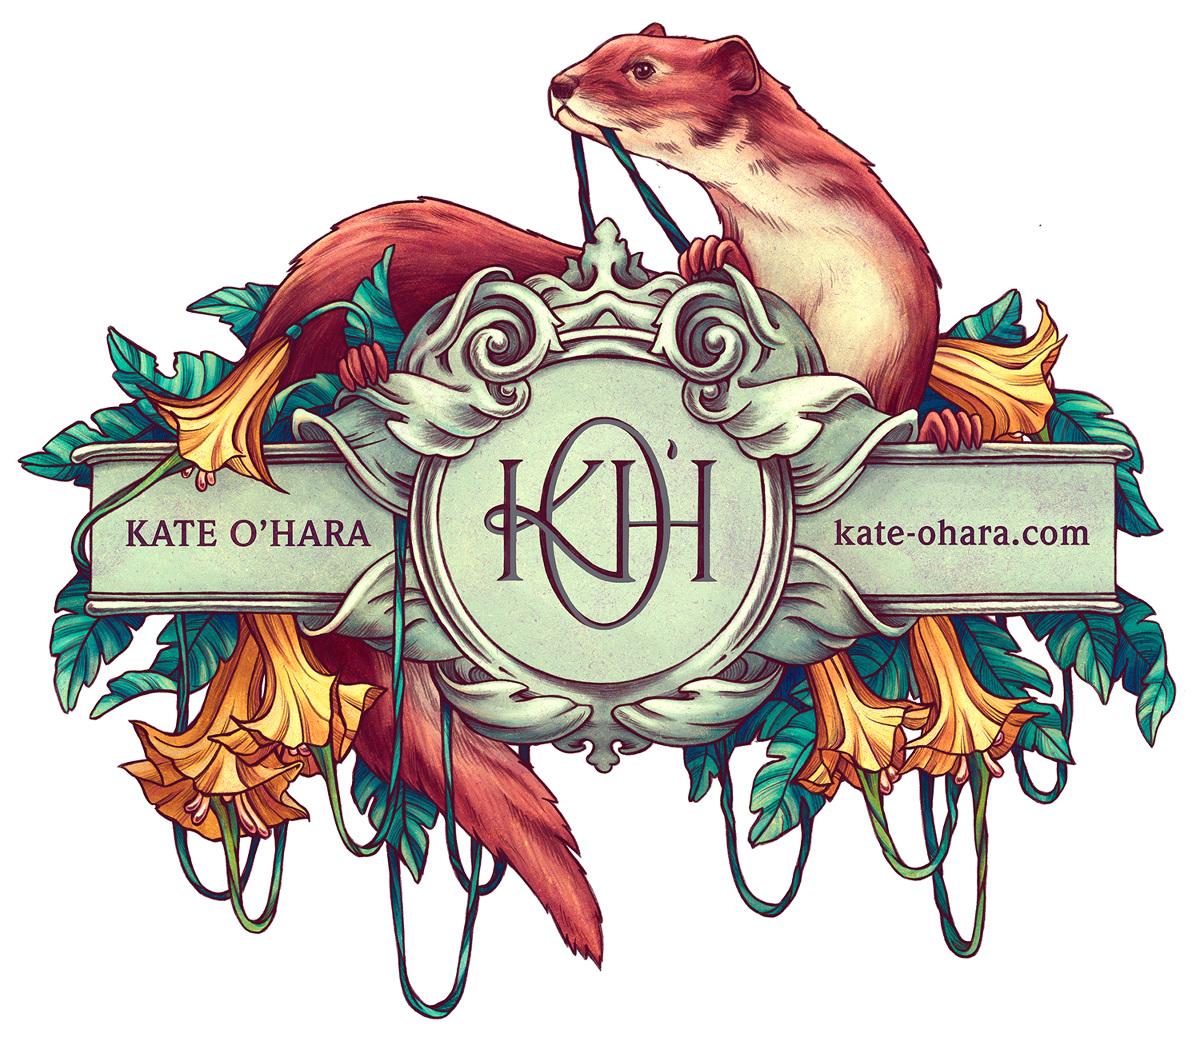 Logotipo de kate-ohara